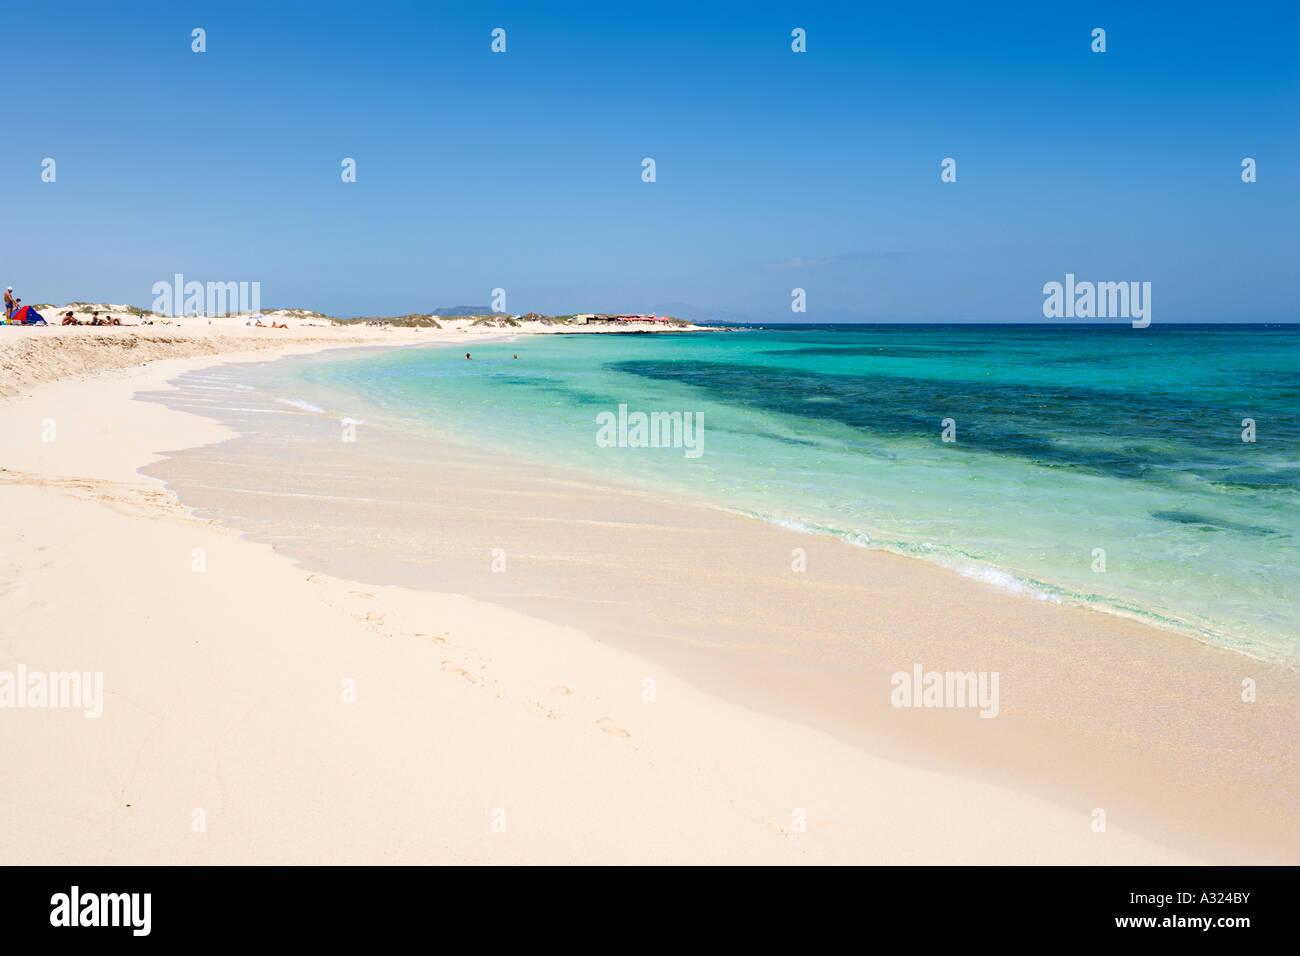 Strand und Dünen, Parque Natural de Corralejo, Fuerteventura, Kanarische Inseln, Spanien Stockbild